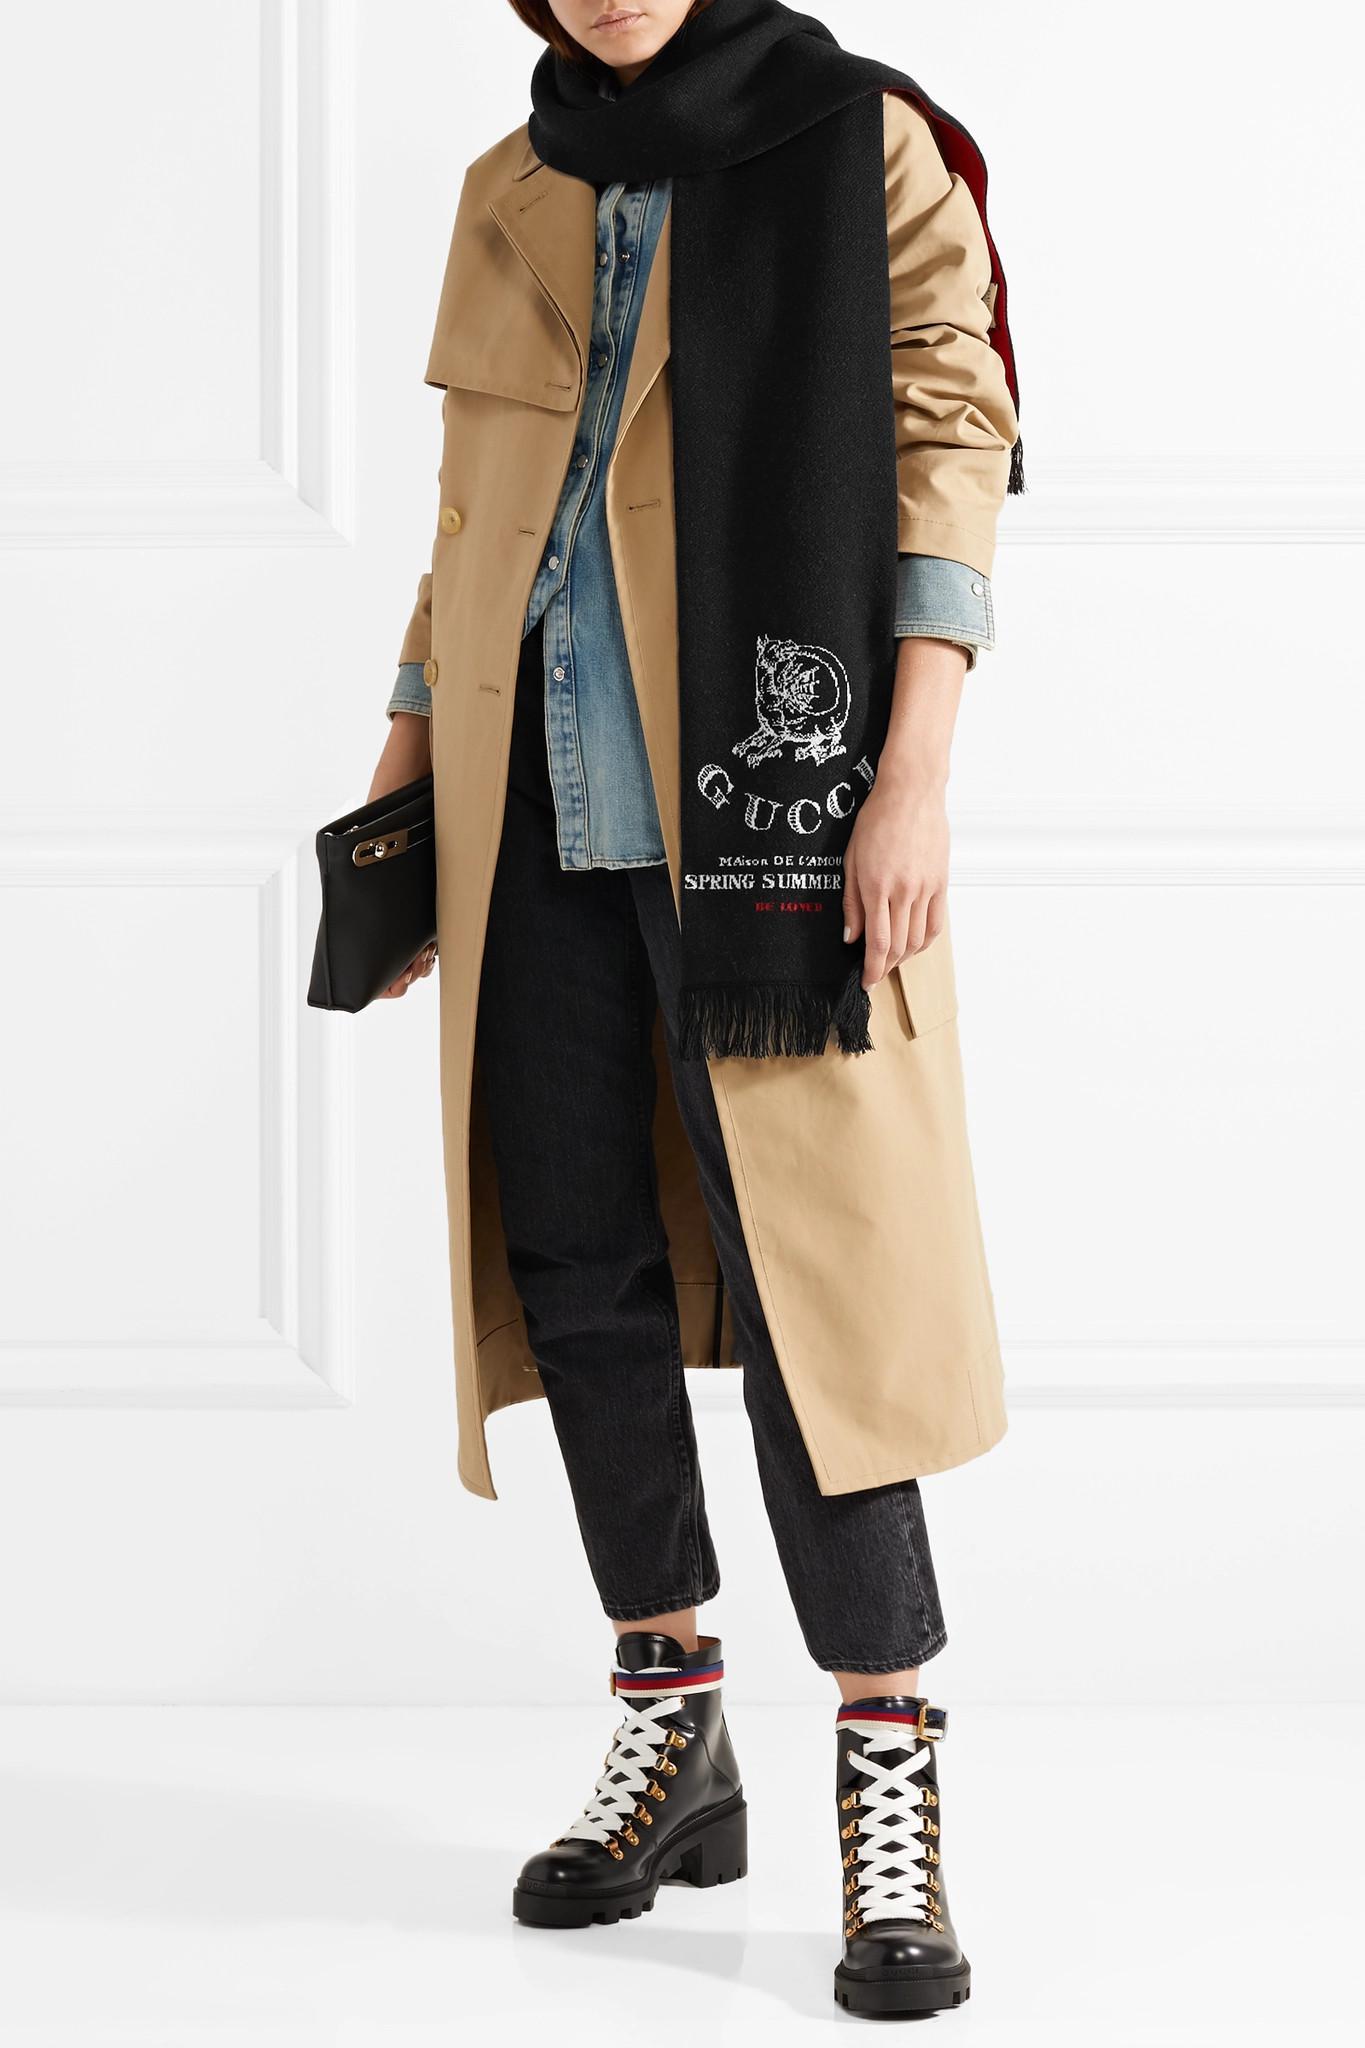 Lyst - Écharpe En Laine Jacquard à Franges Gucci en coloris Noir 8406a3feef8